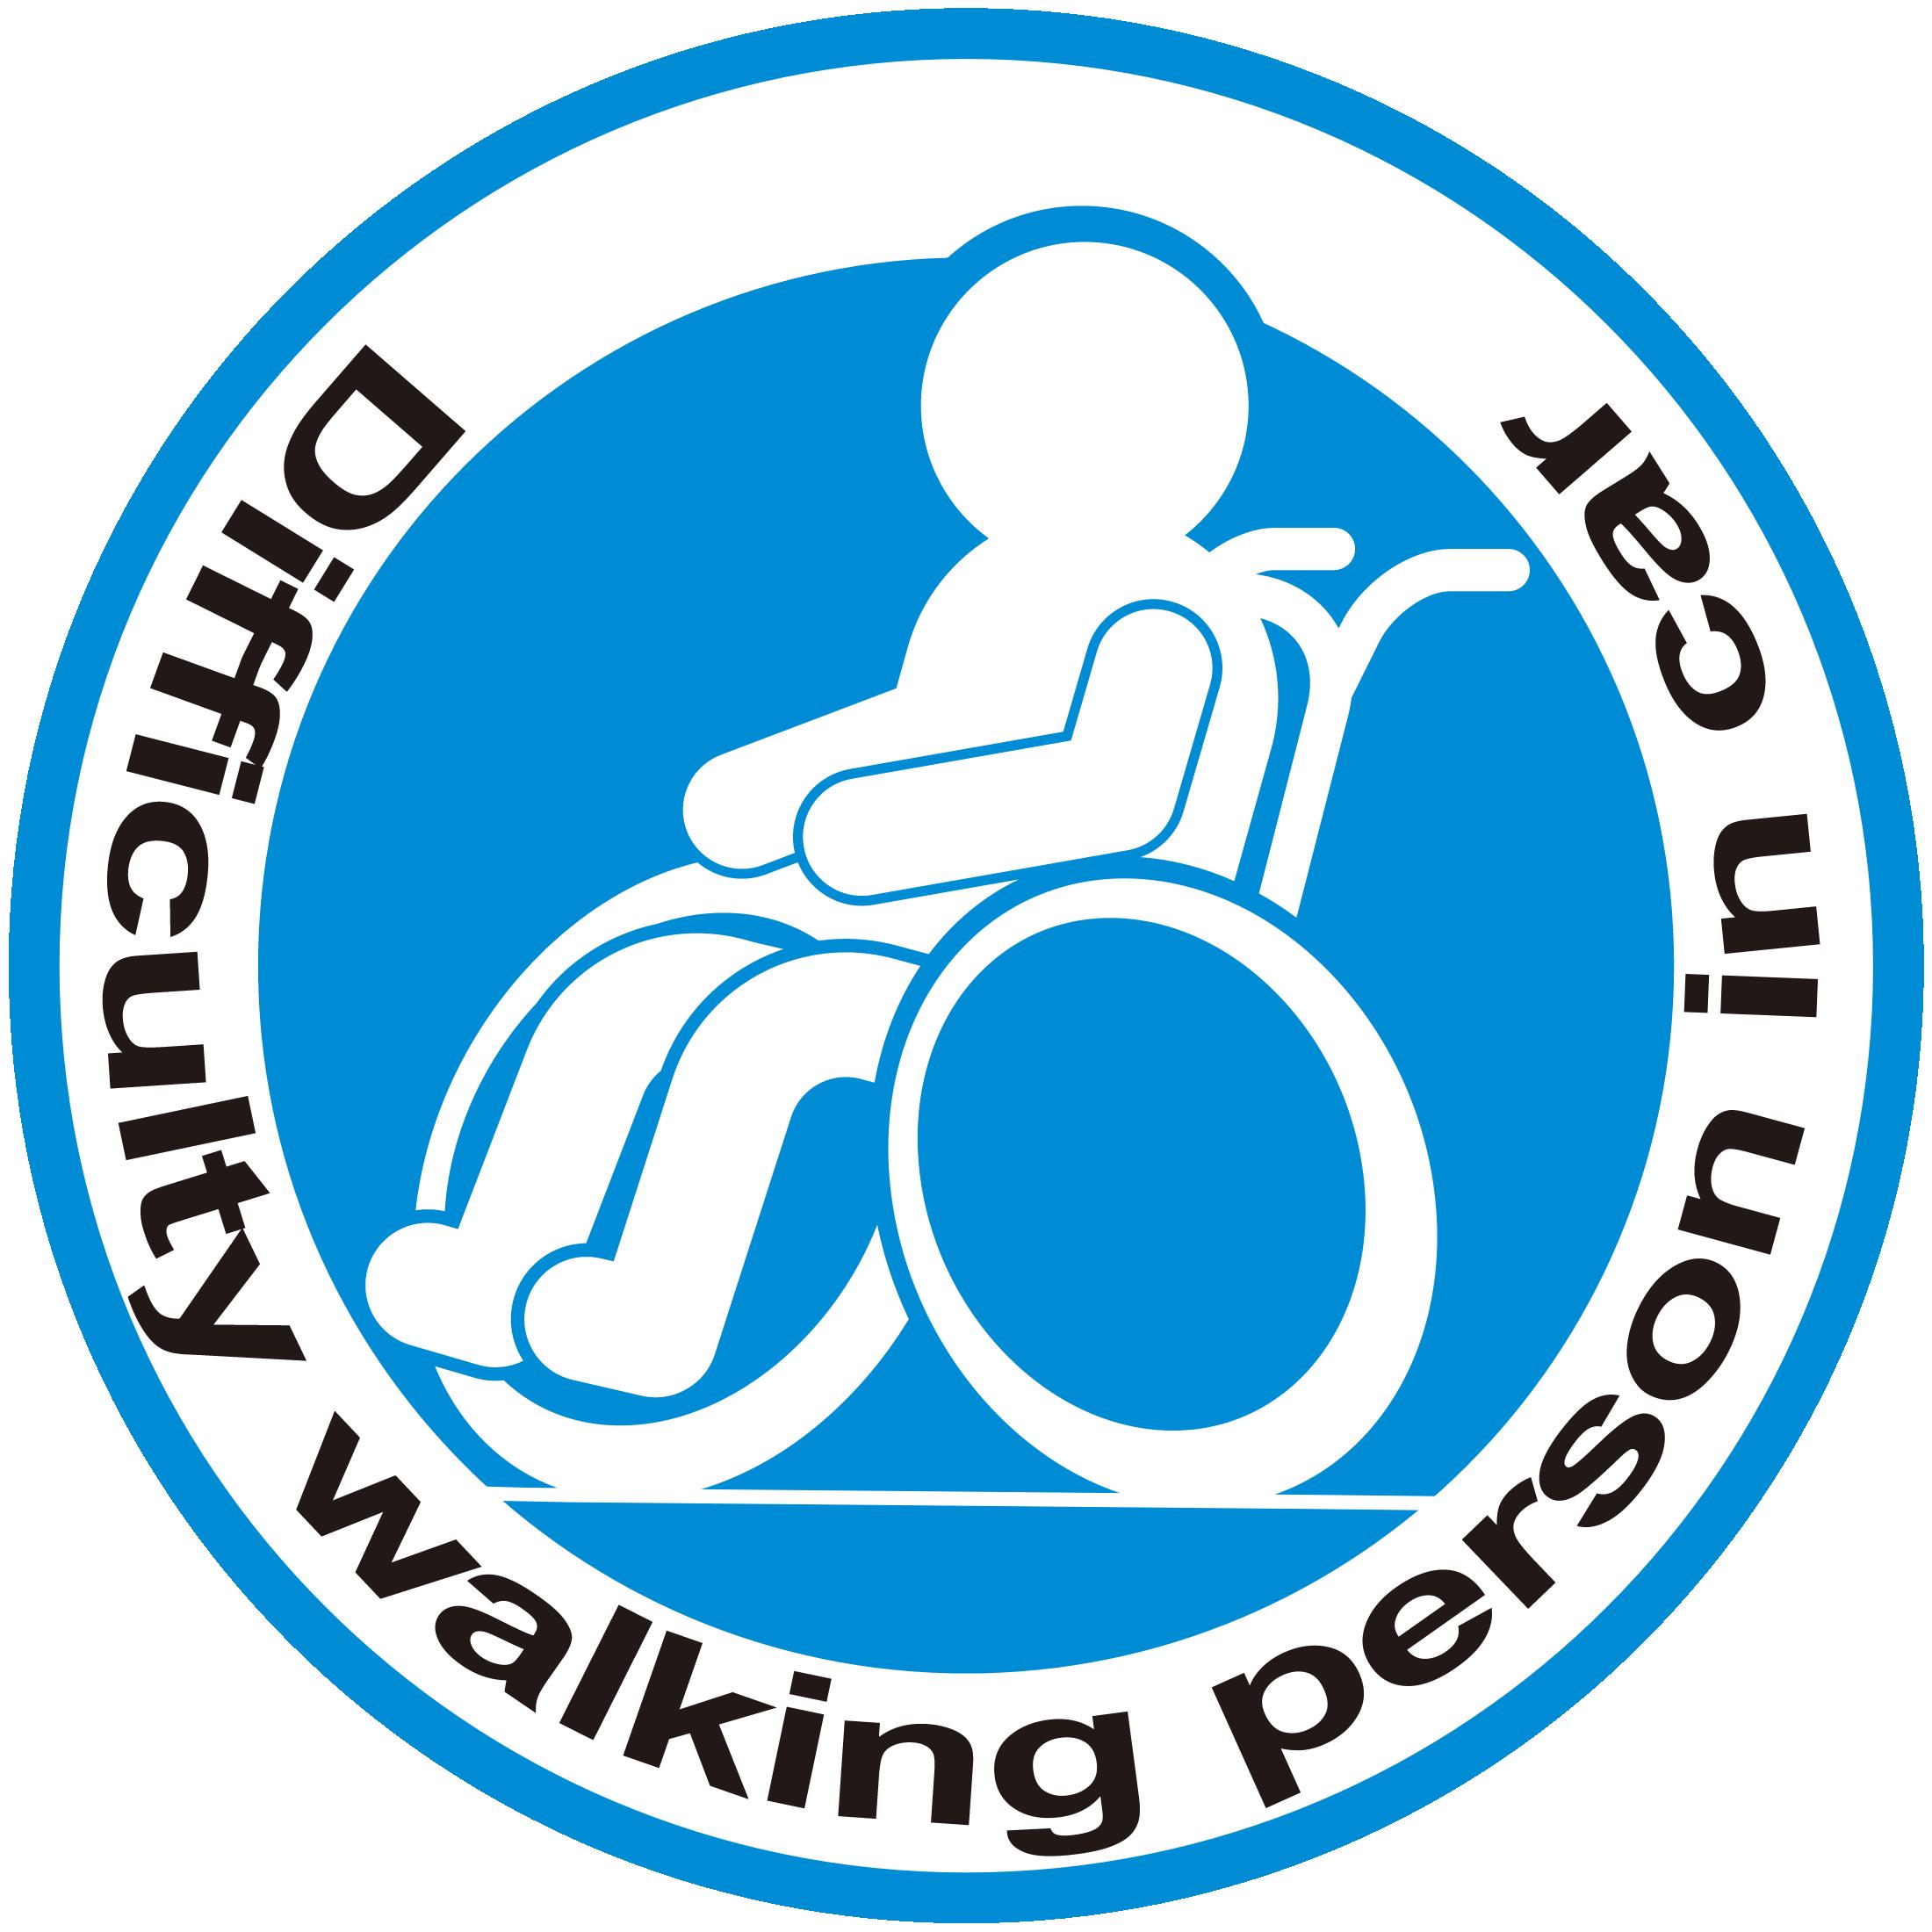 Difficulty walking parson in car ステッカー(ブルー)